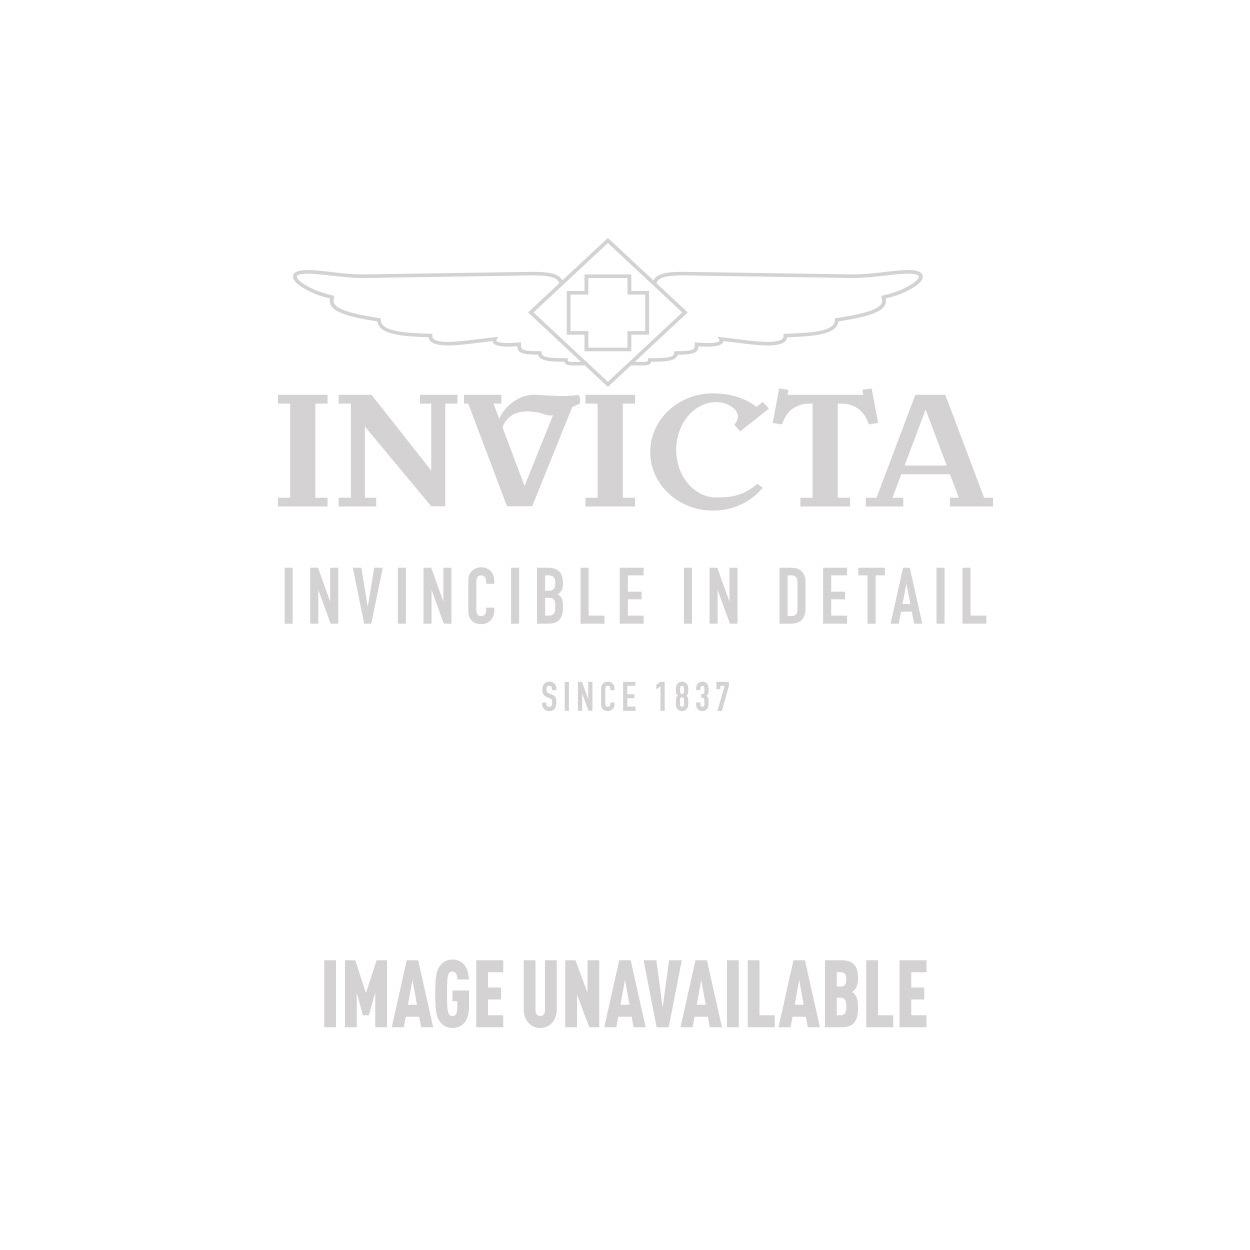 Invicta Model 24716